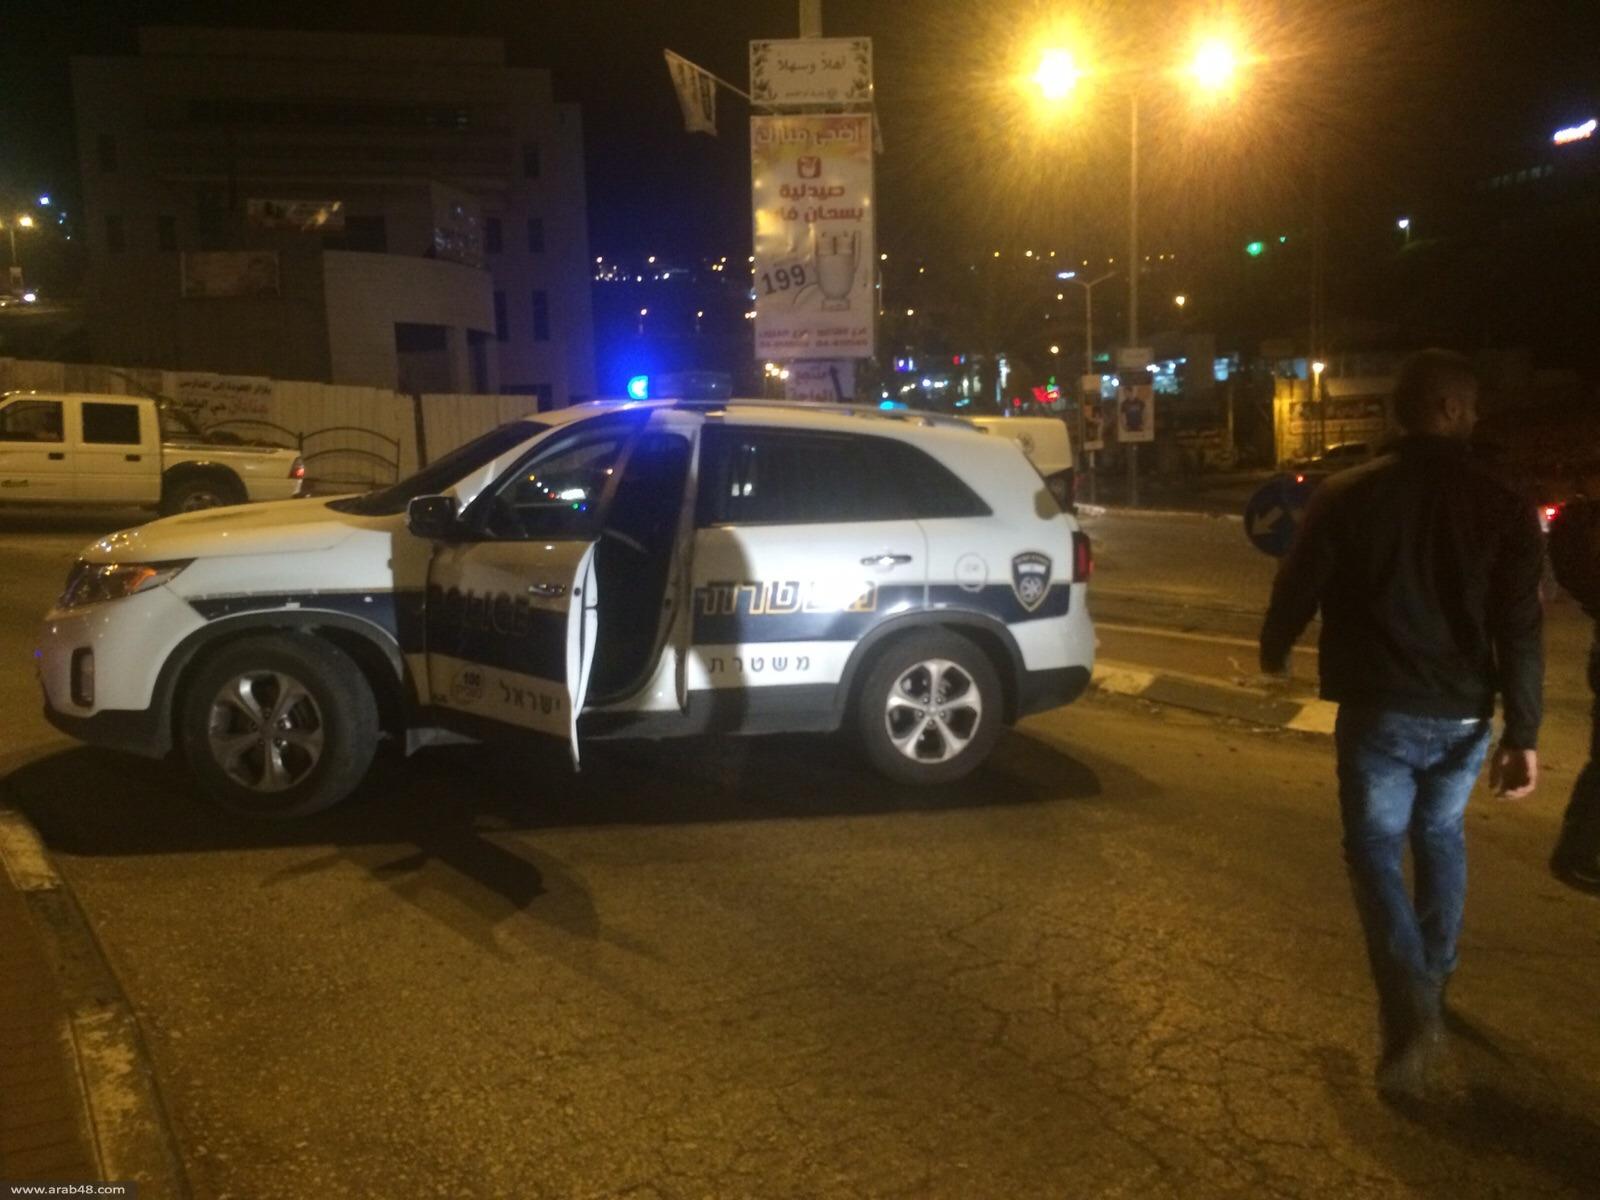 اعتقالات عشوائية واشتباكات في بلدات عدة بالداخل الفلسطيني